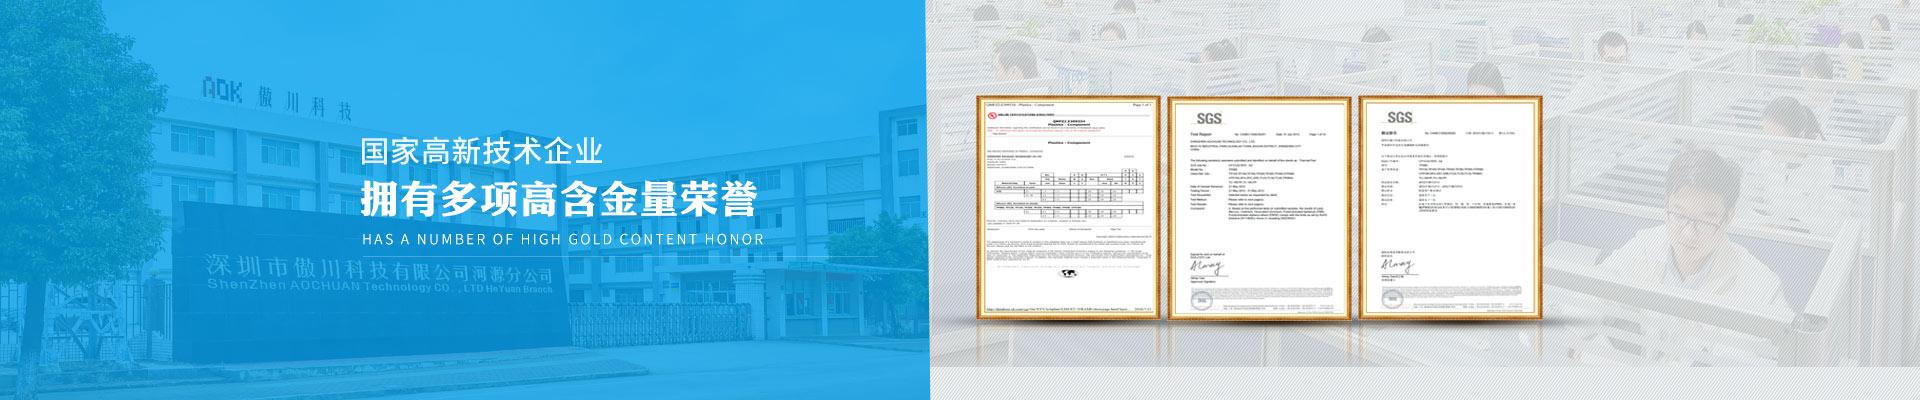 傲川,国家高新技术企业,拥有多项高含金量荣誉。